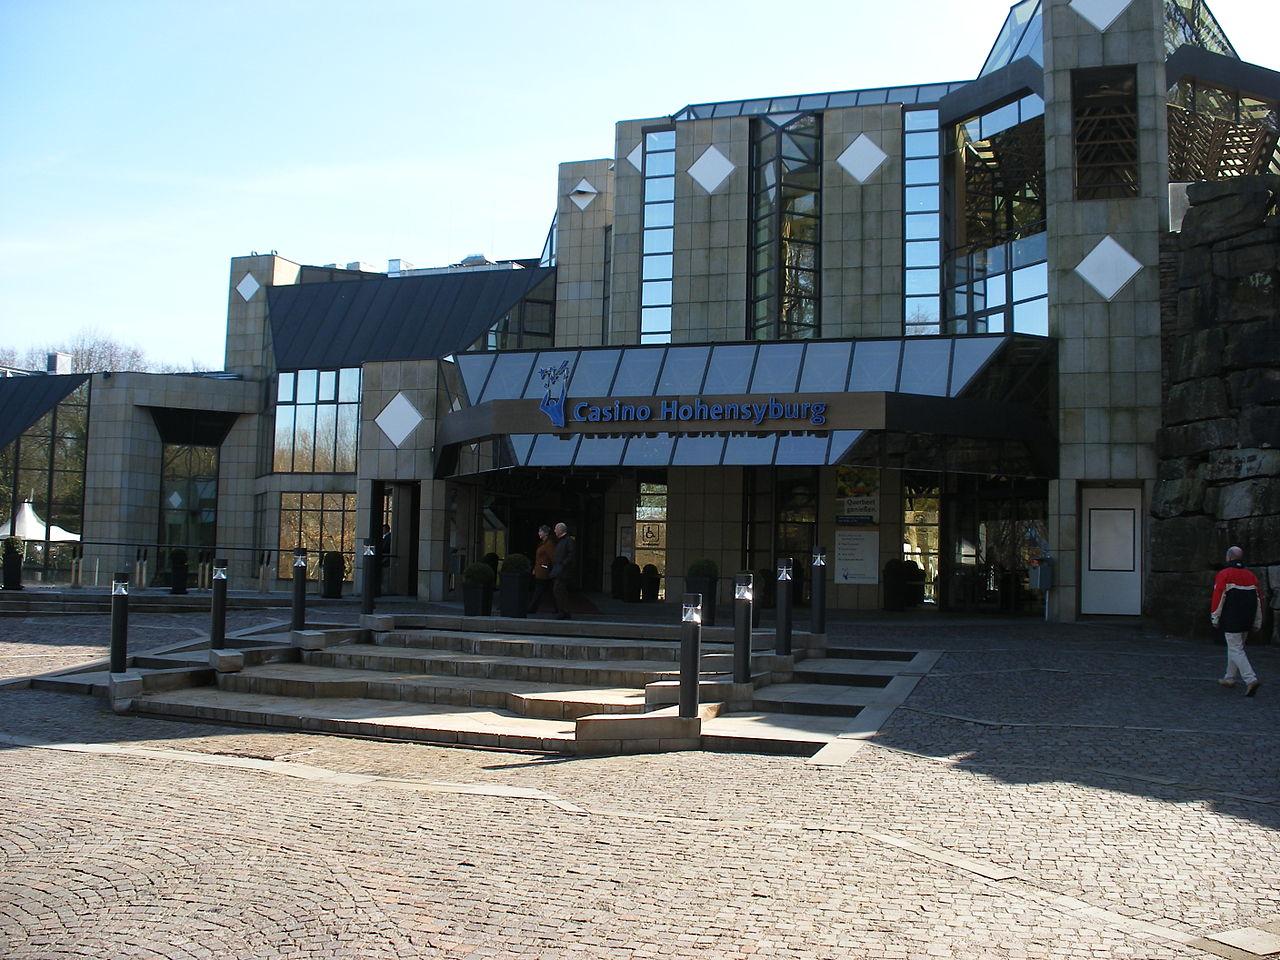 Bild Casino Hohensyburg Dortmund